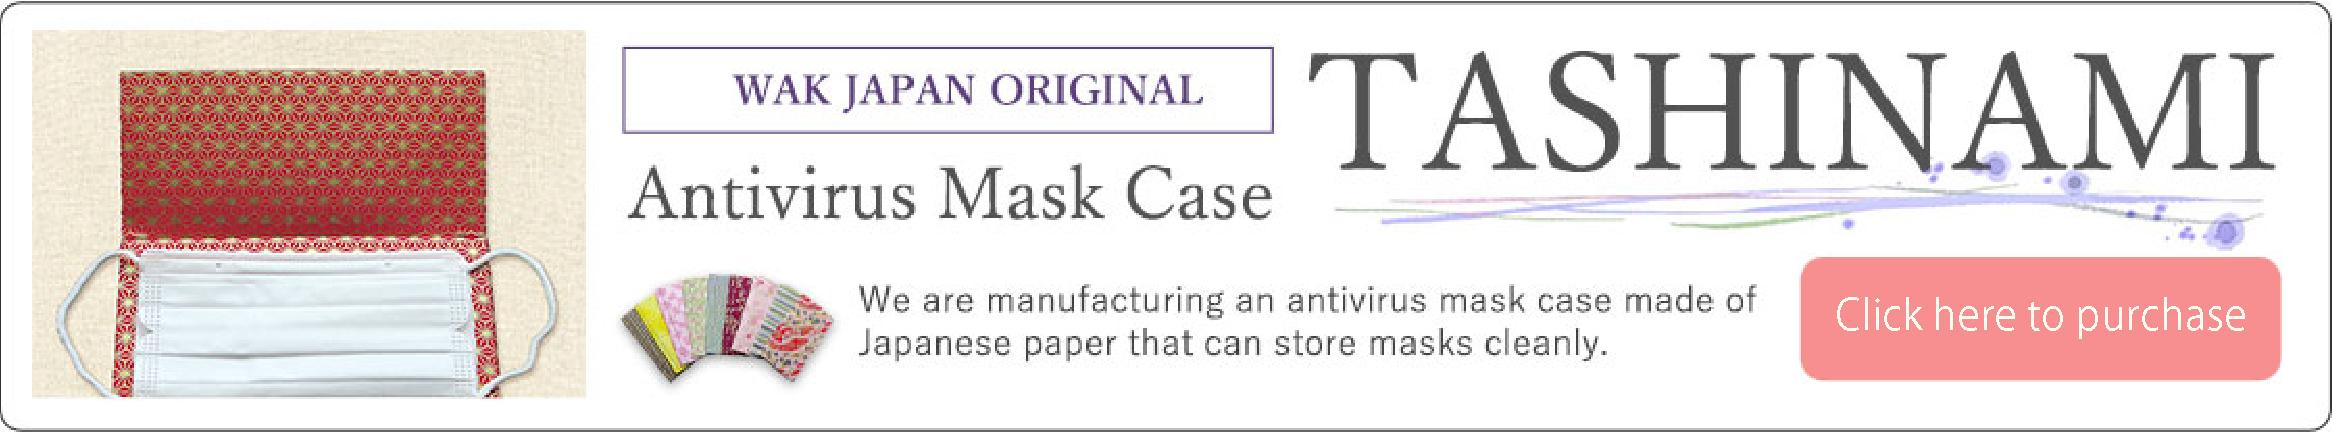 WAK JAPAN ORIGINAL Antivirus Mask Case TASHINAMI